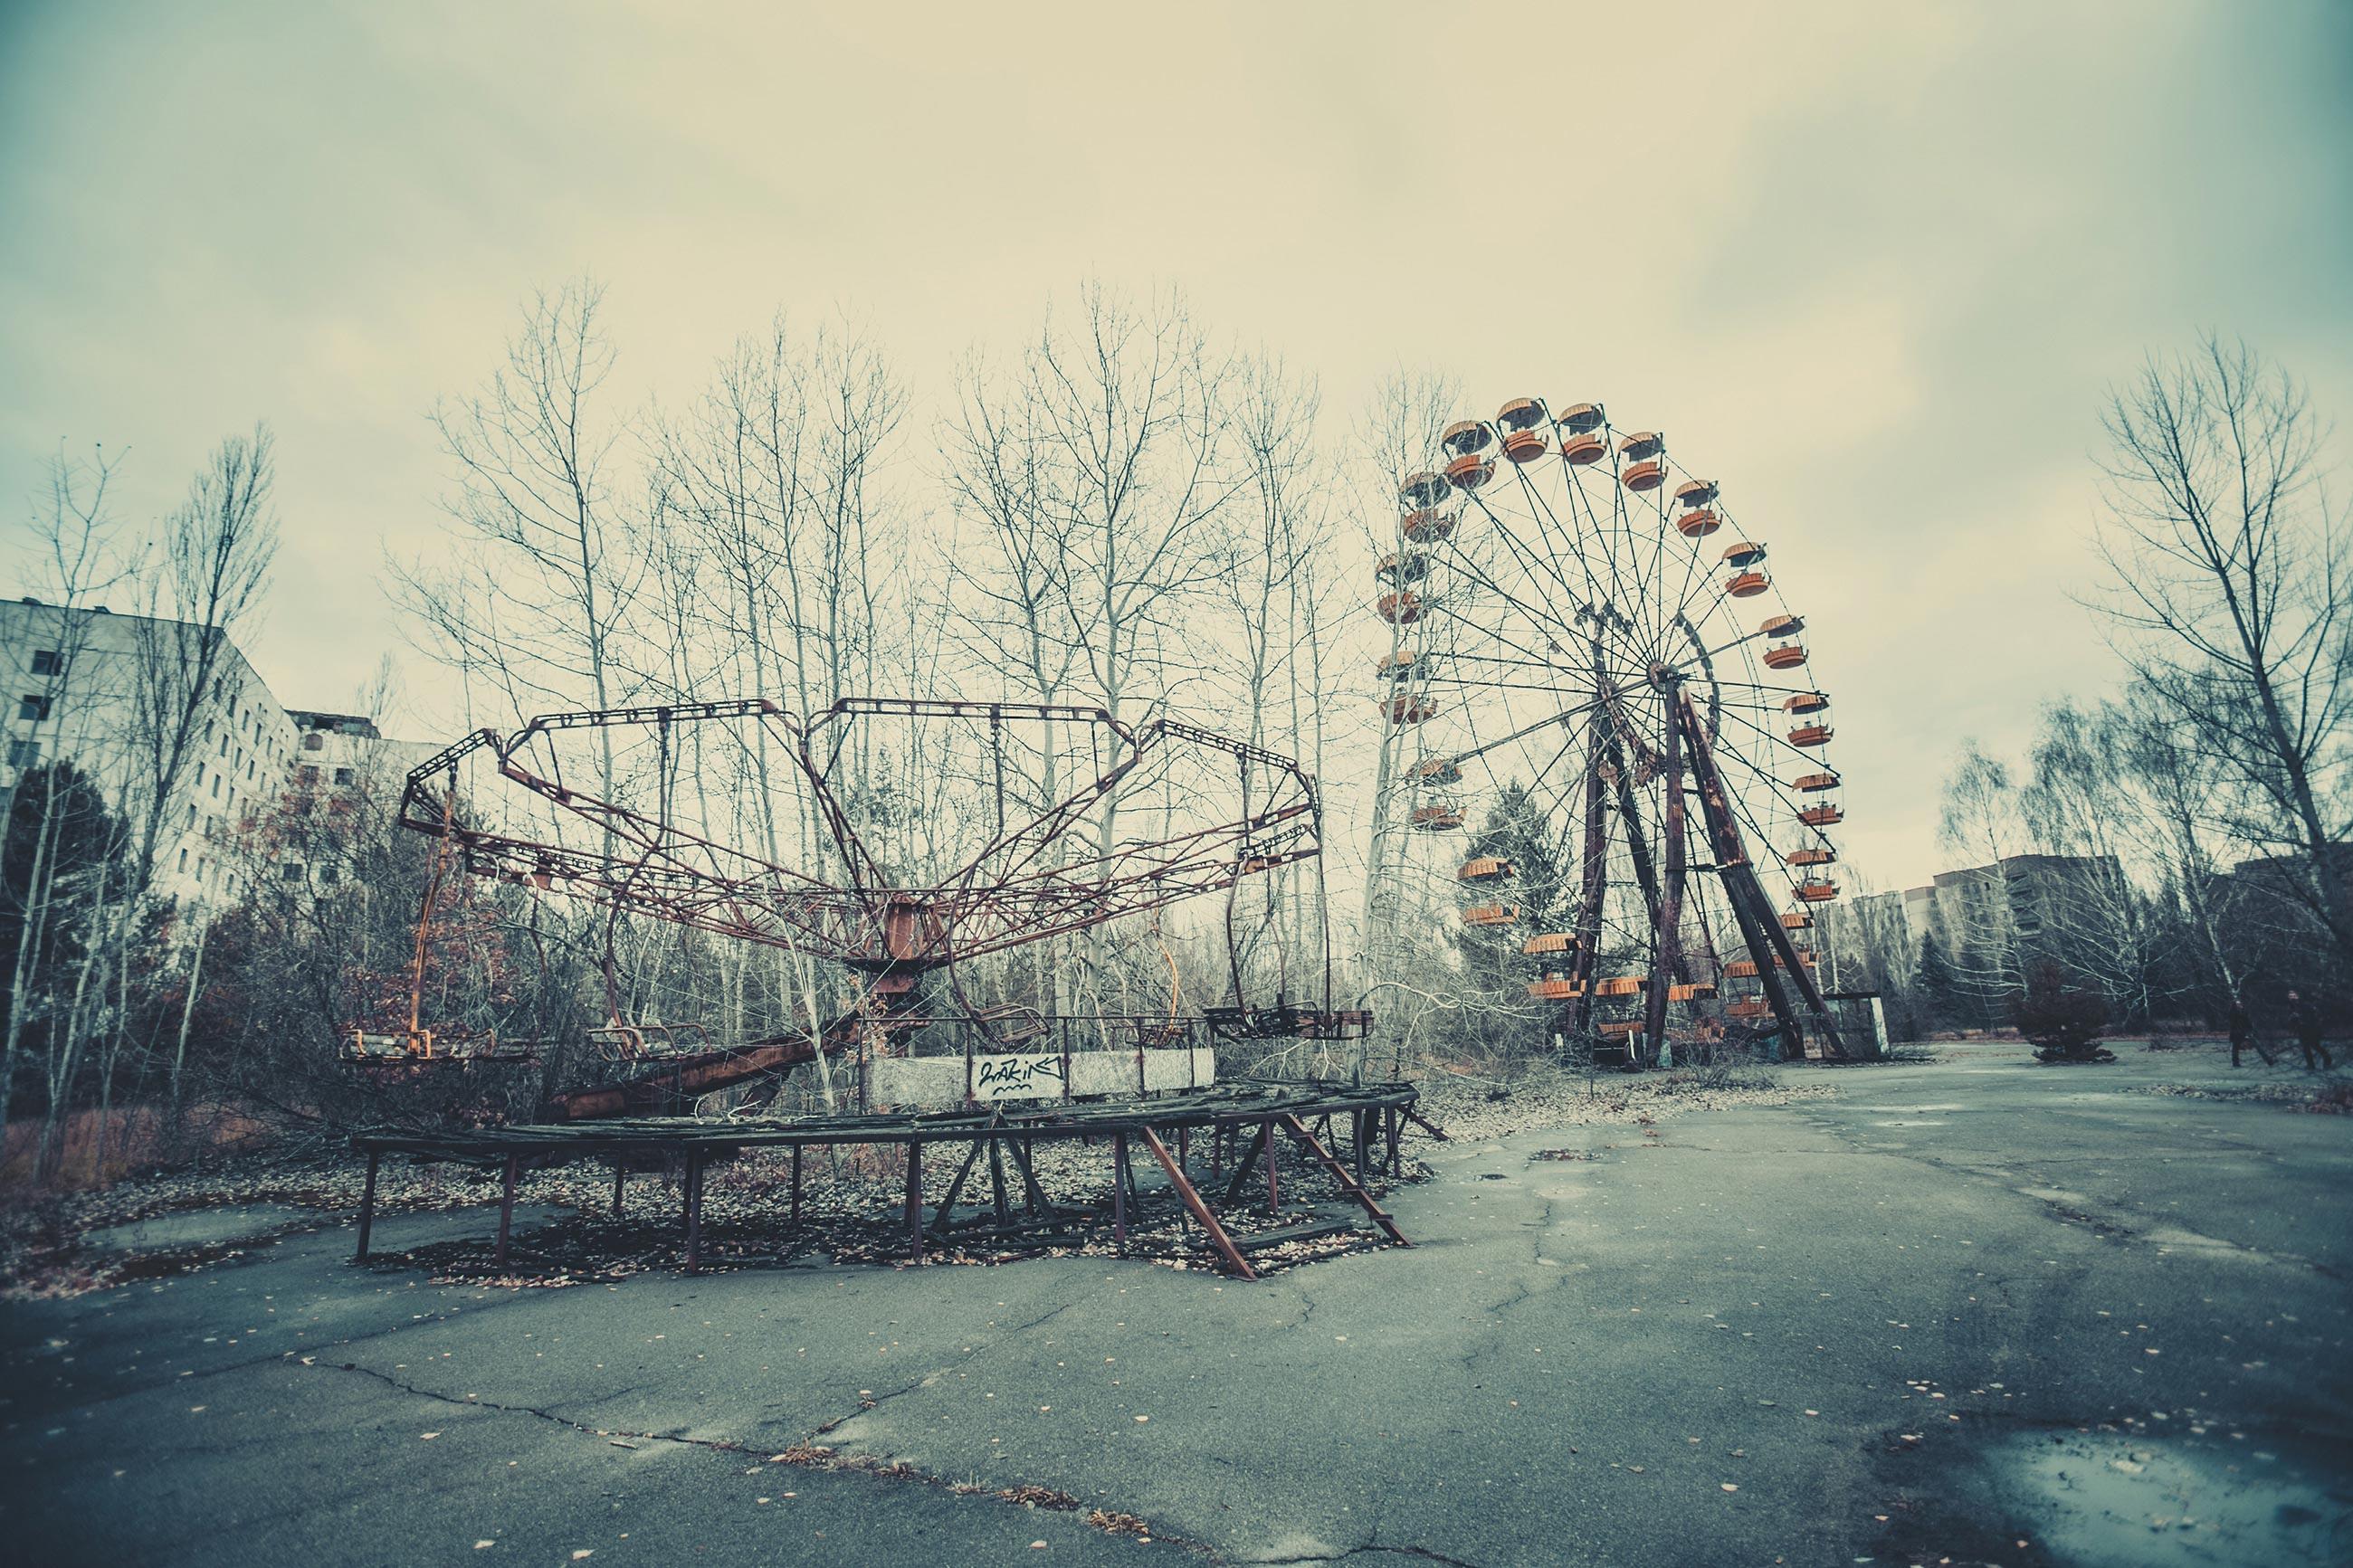 chernobyl - photo #25